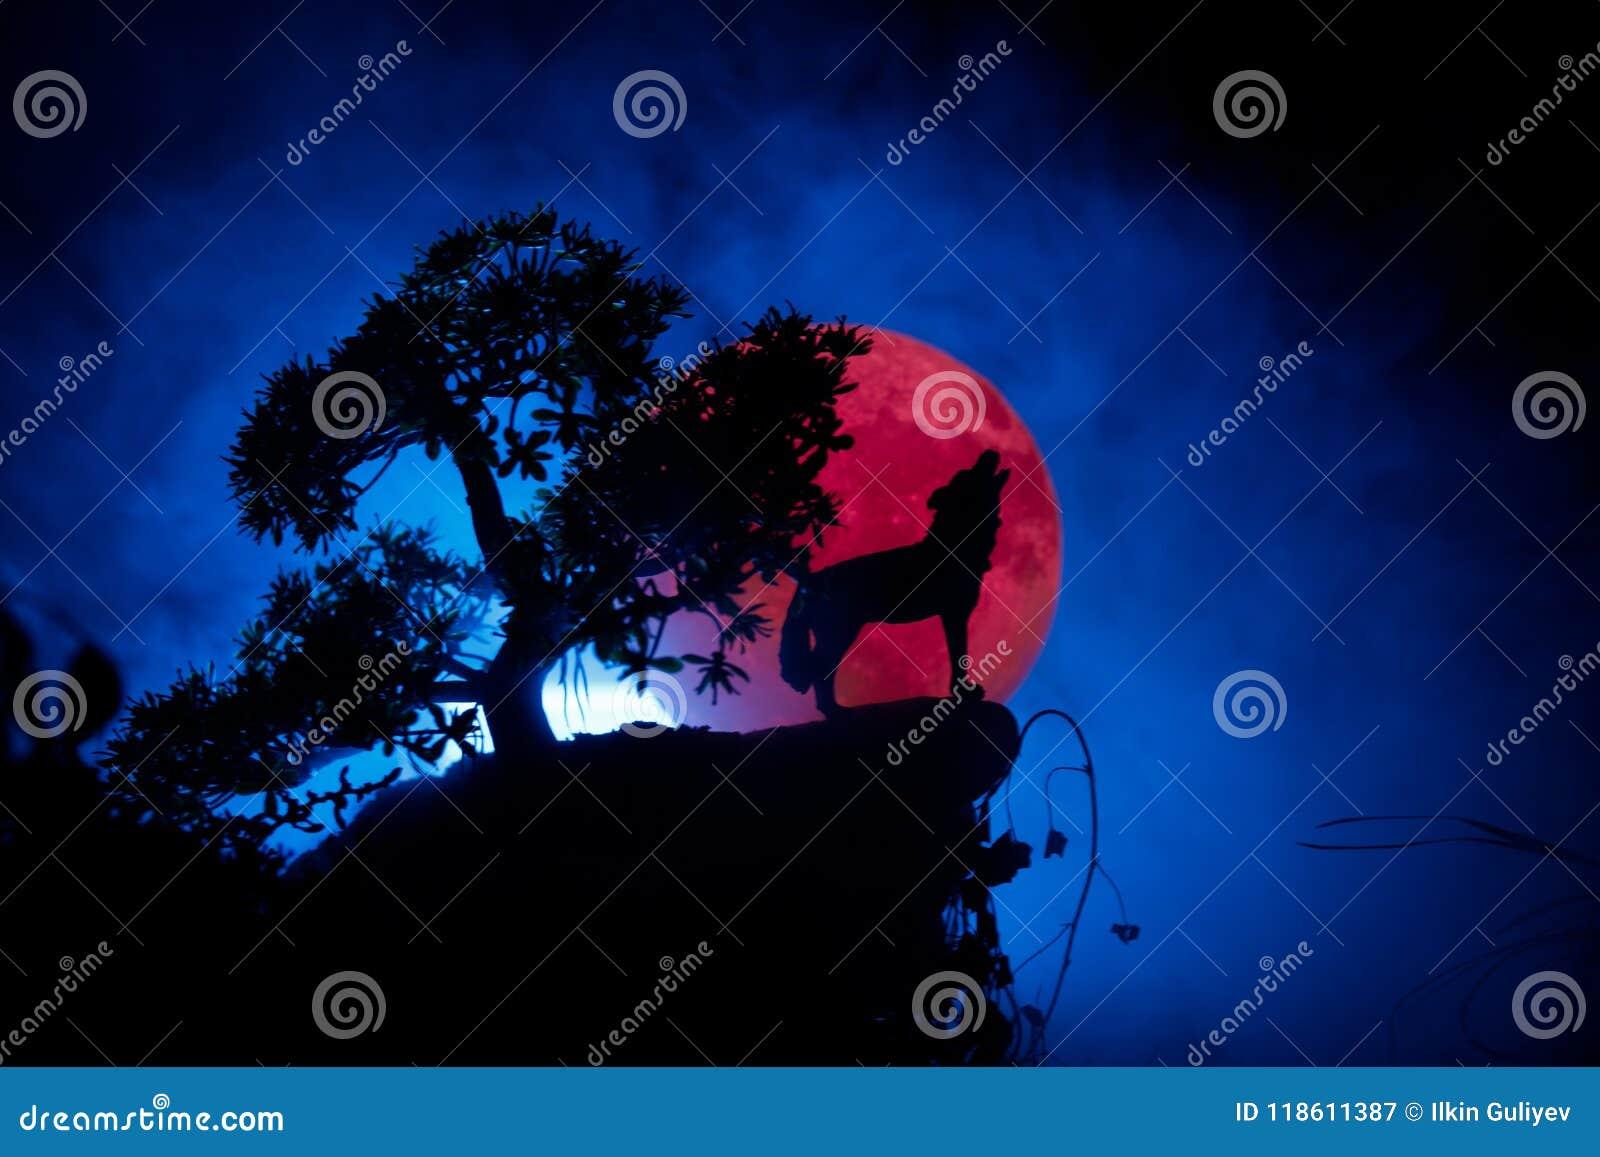 Silueta del lobo del grito contra fondo de niebla entonado oscuro y Luna Llena o lobo en silueta que gritan a la Luna Llena hola